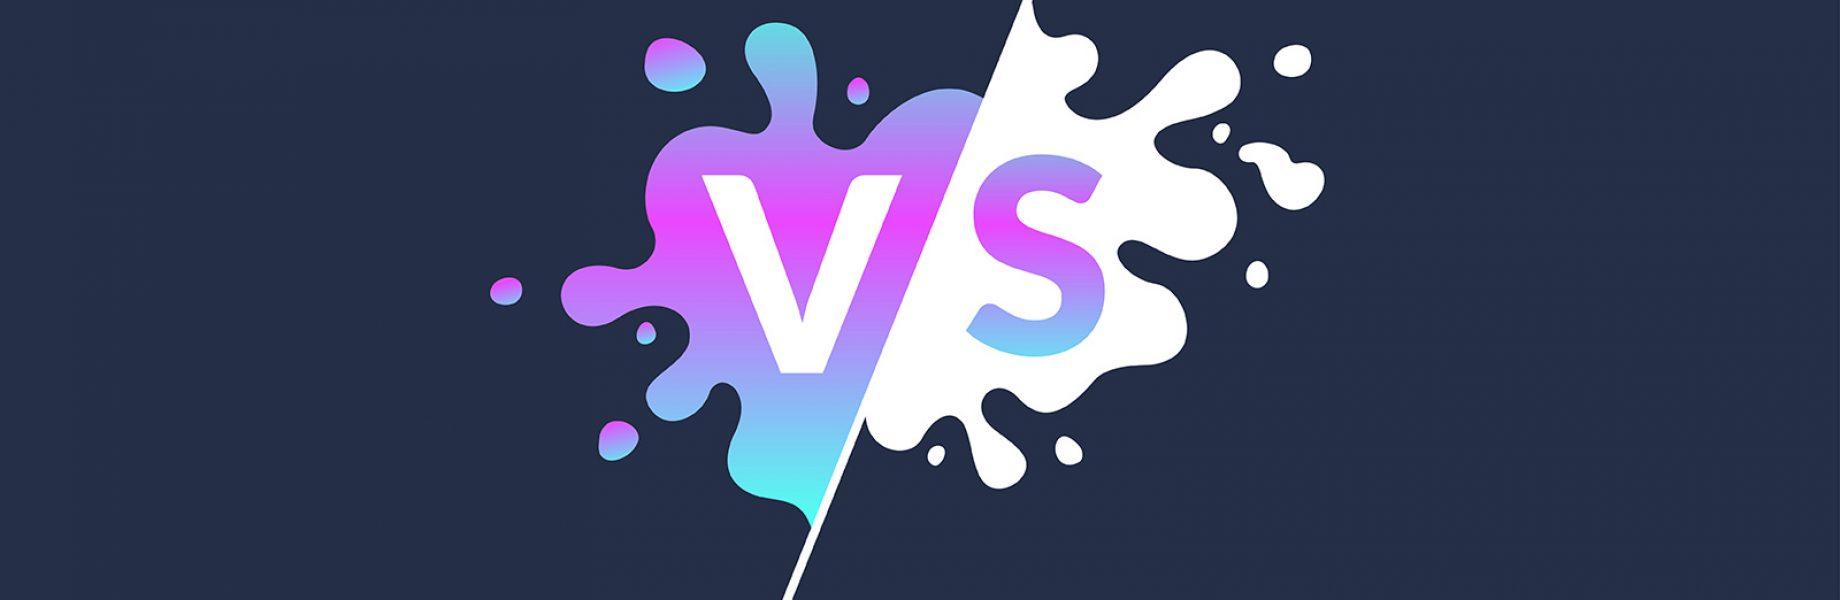 Mise à jour des comparatifs avec une analyse des différences entre les logiciels